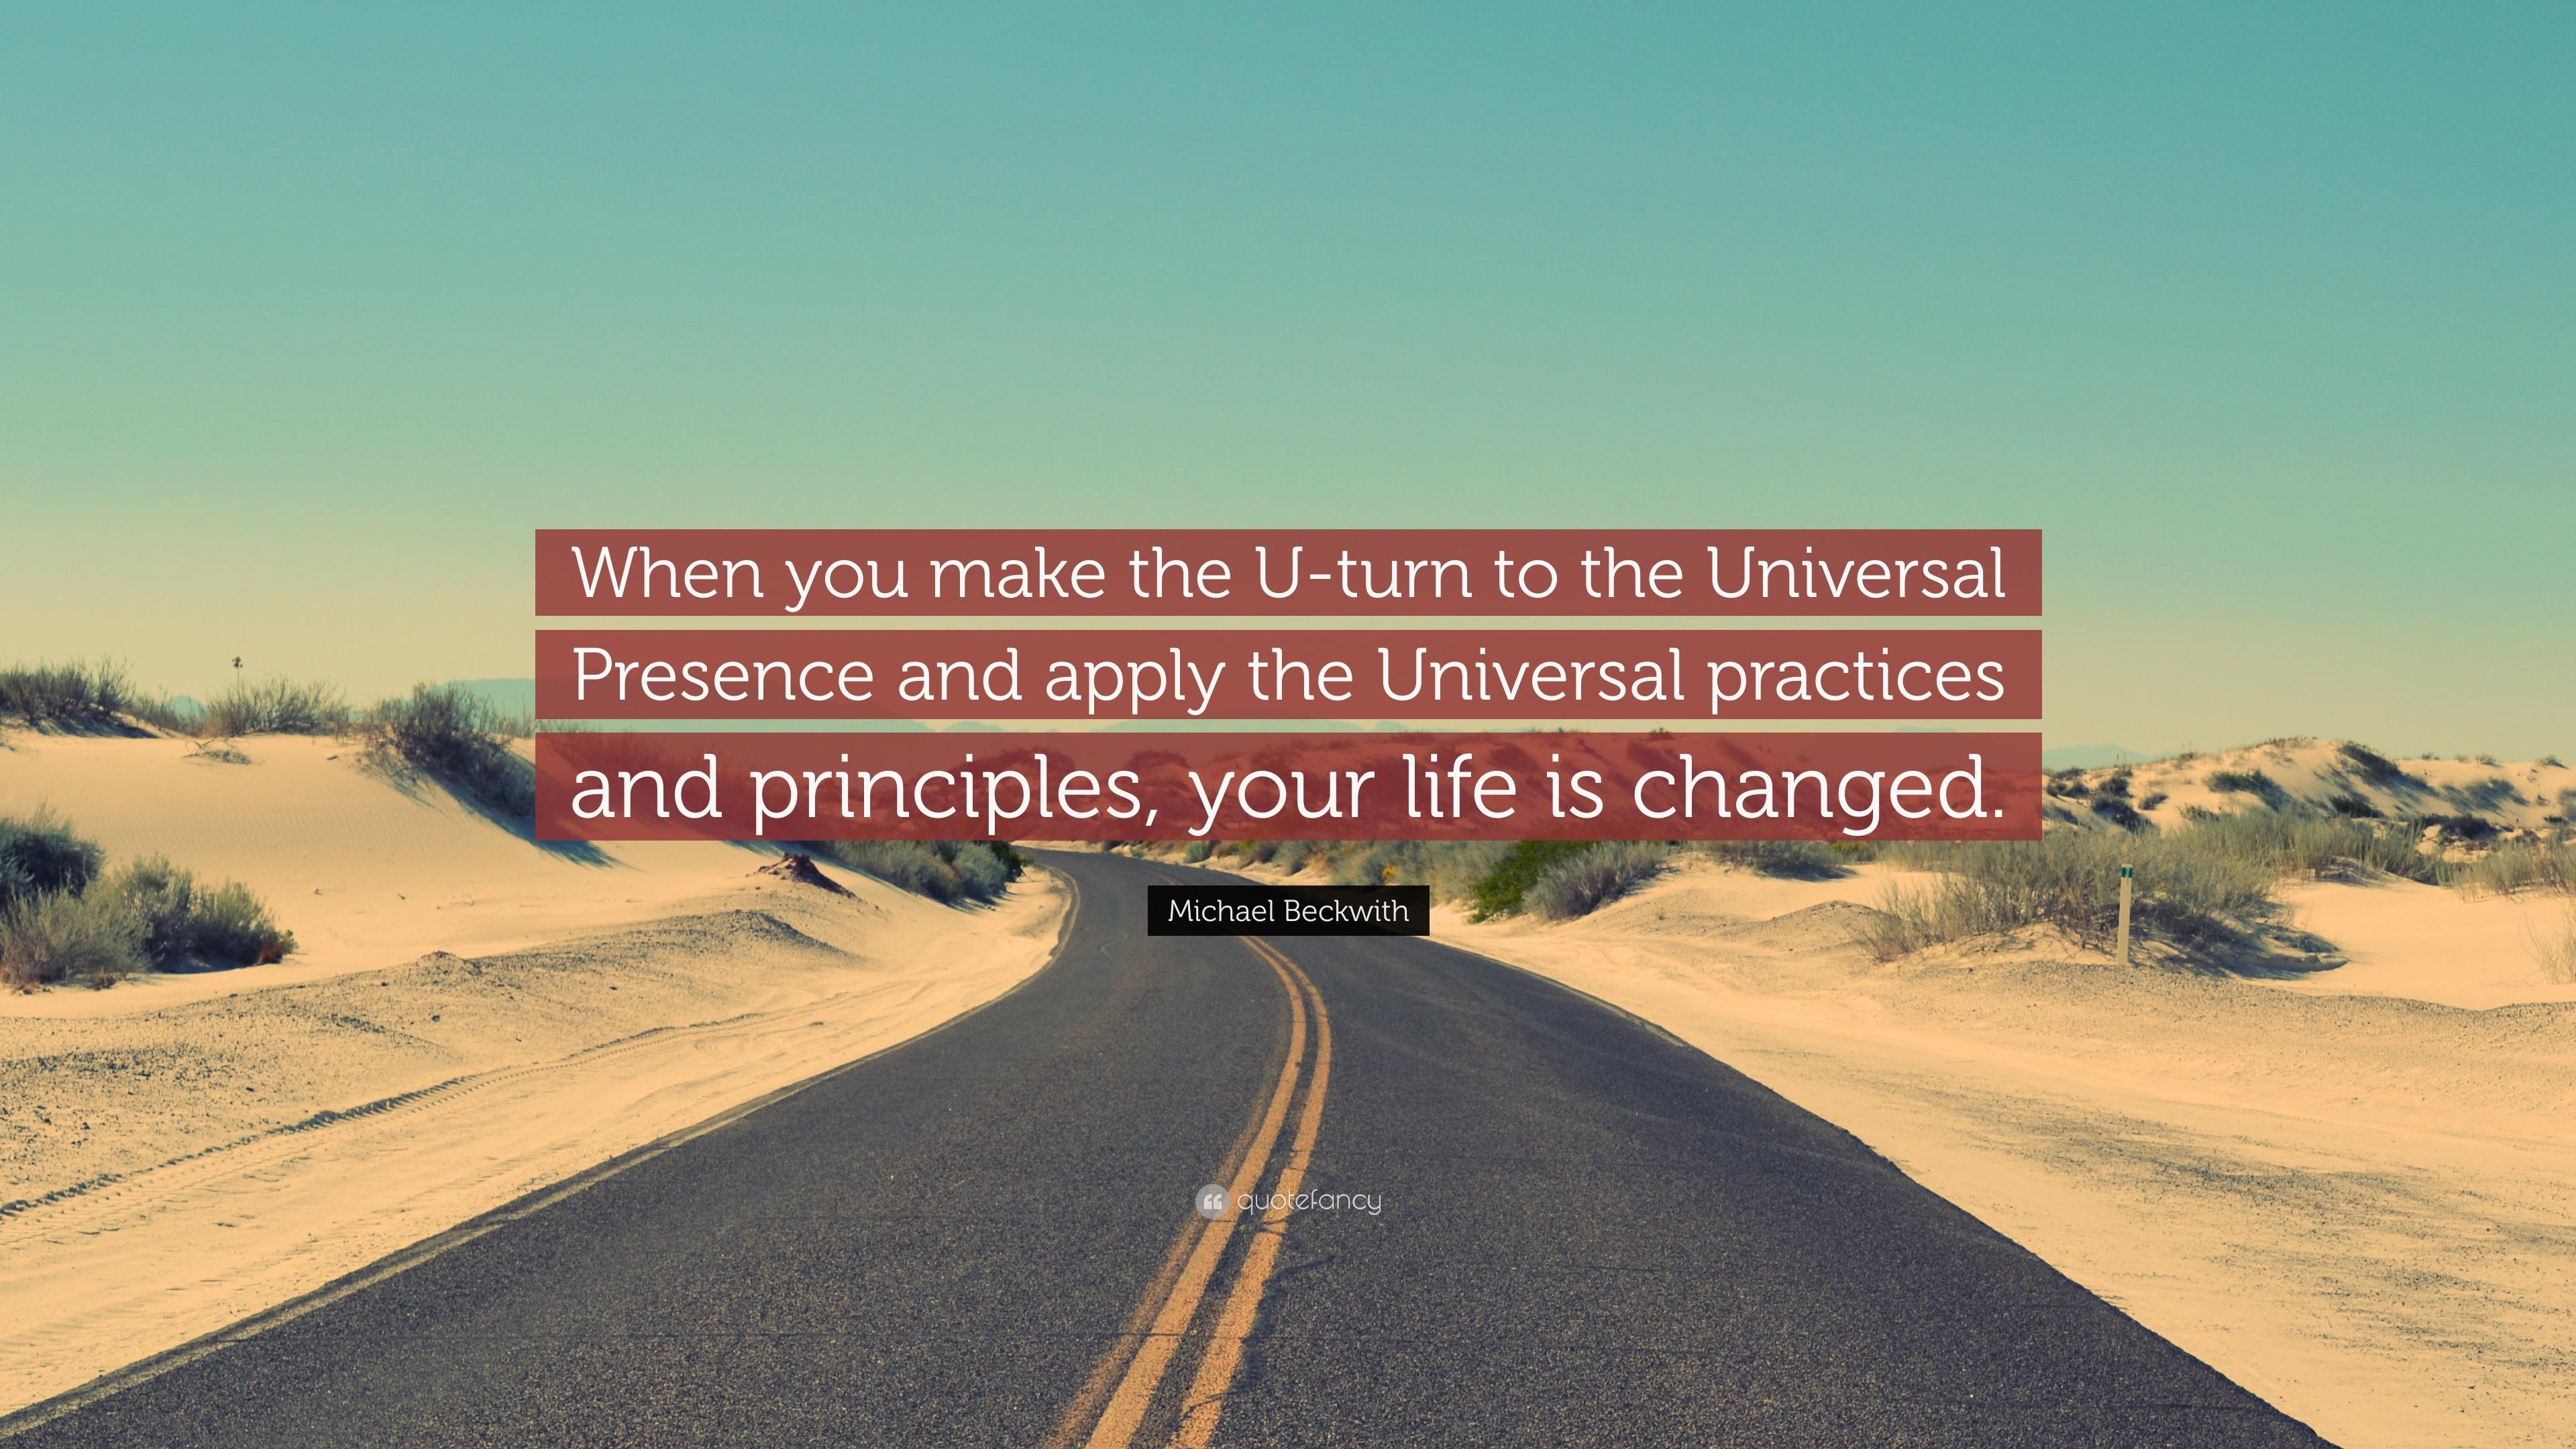 How to make a U-turn